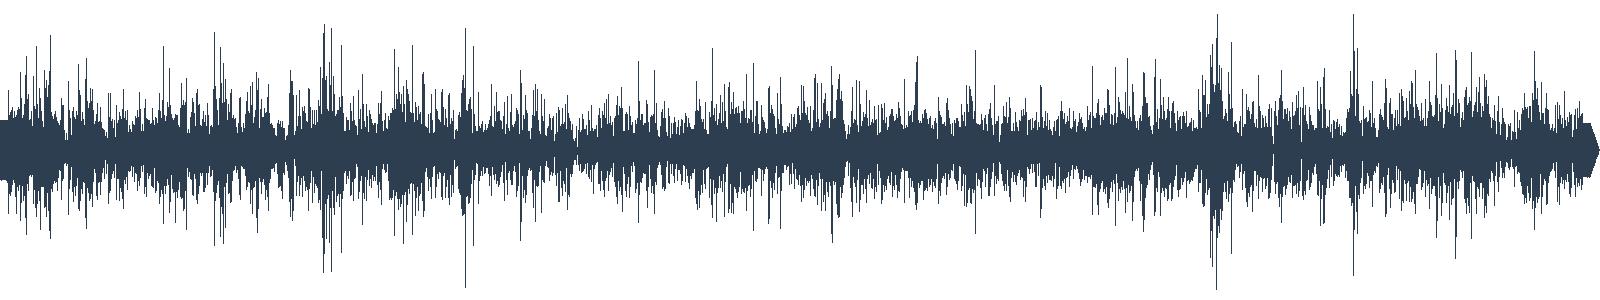 Audinovinky 19 - V televizi a posilovně waveform